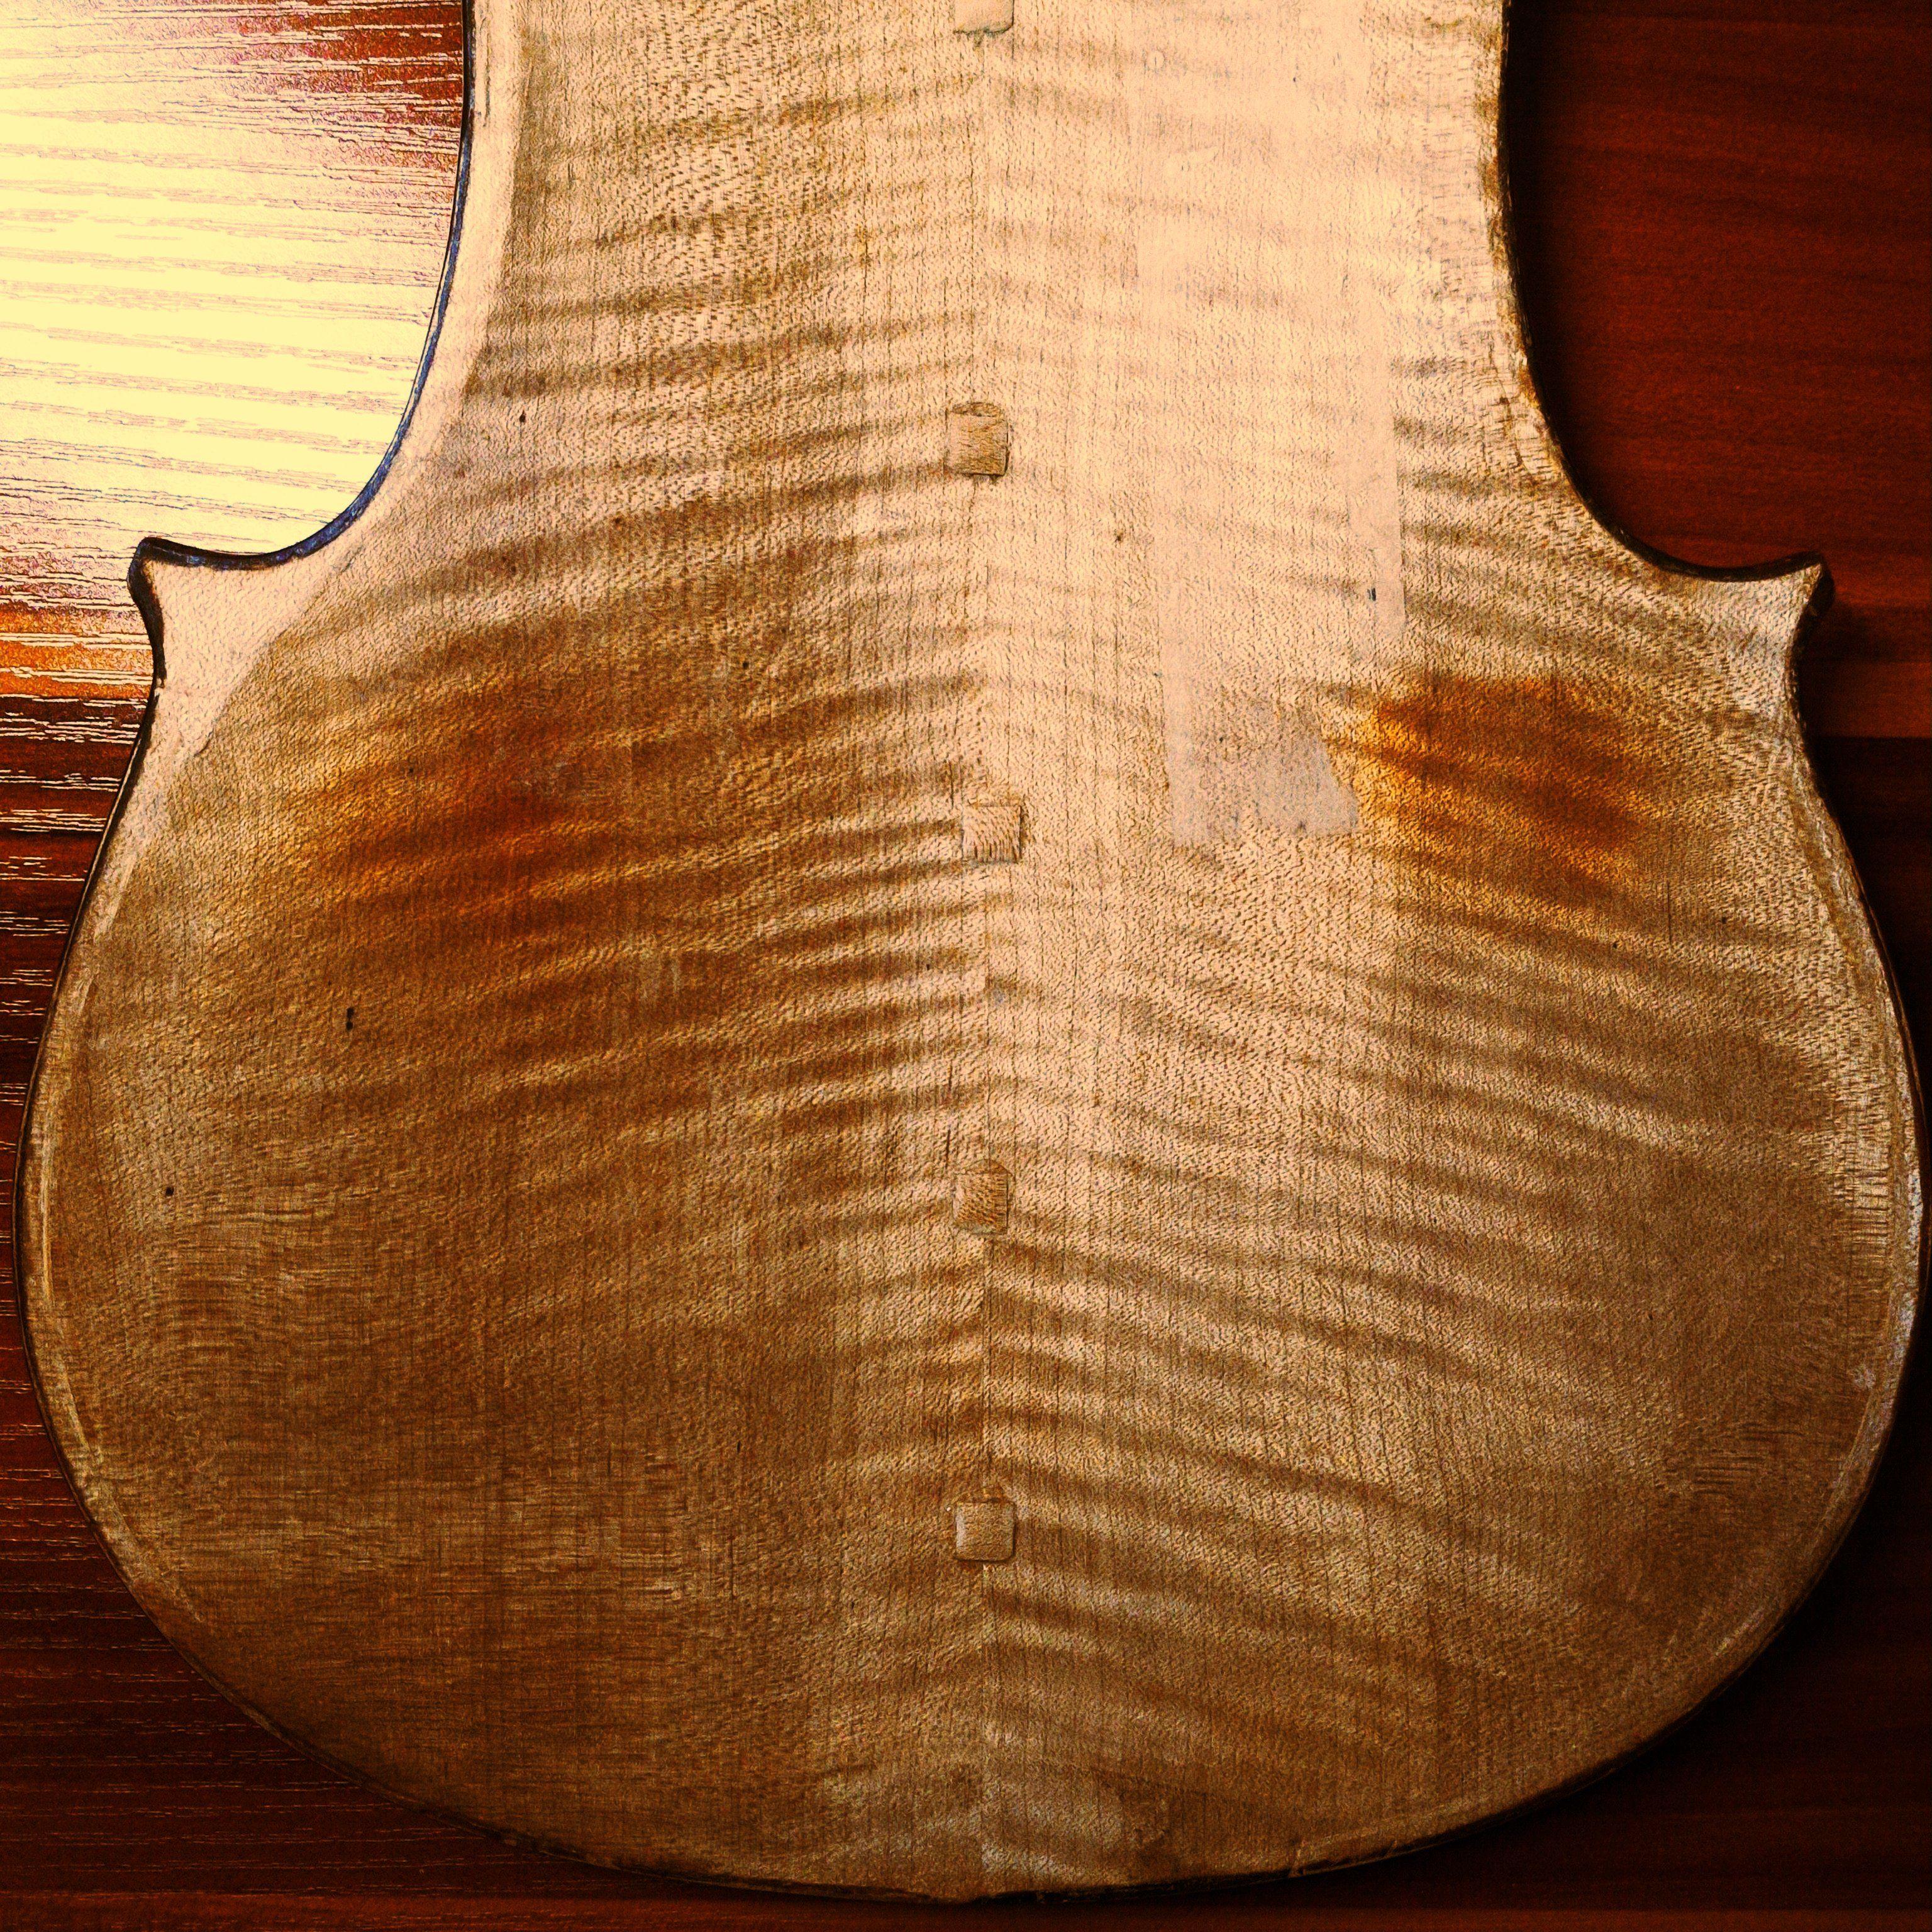 Old Lefty Violin Restration 左利きのオールドバイオリンを復元中